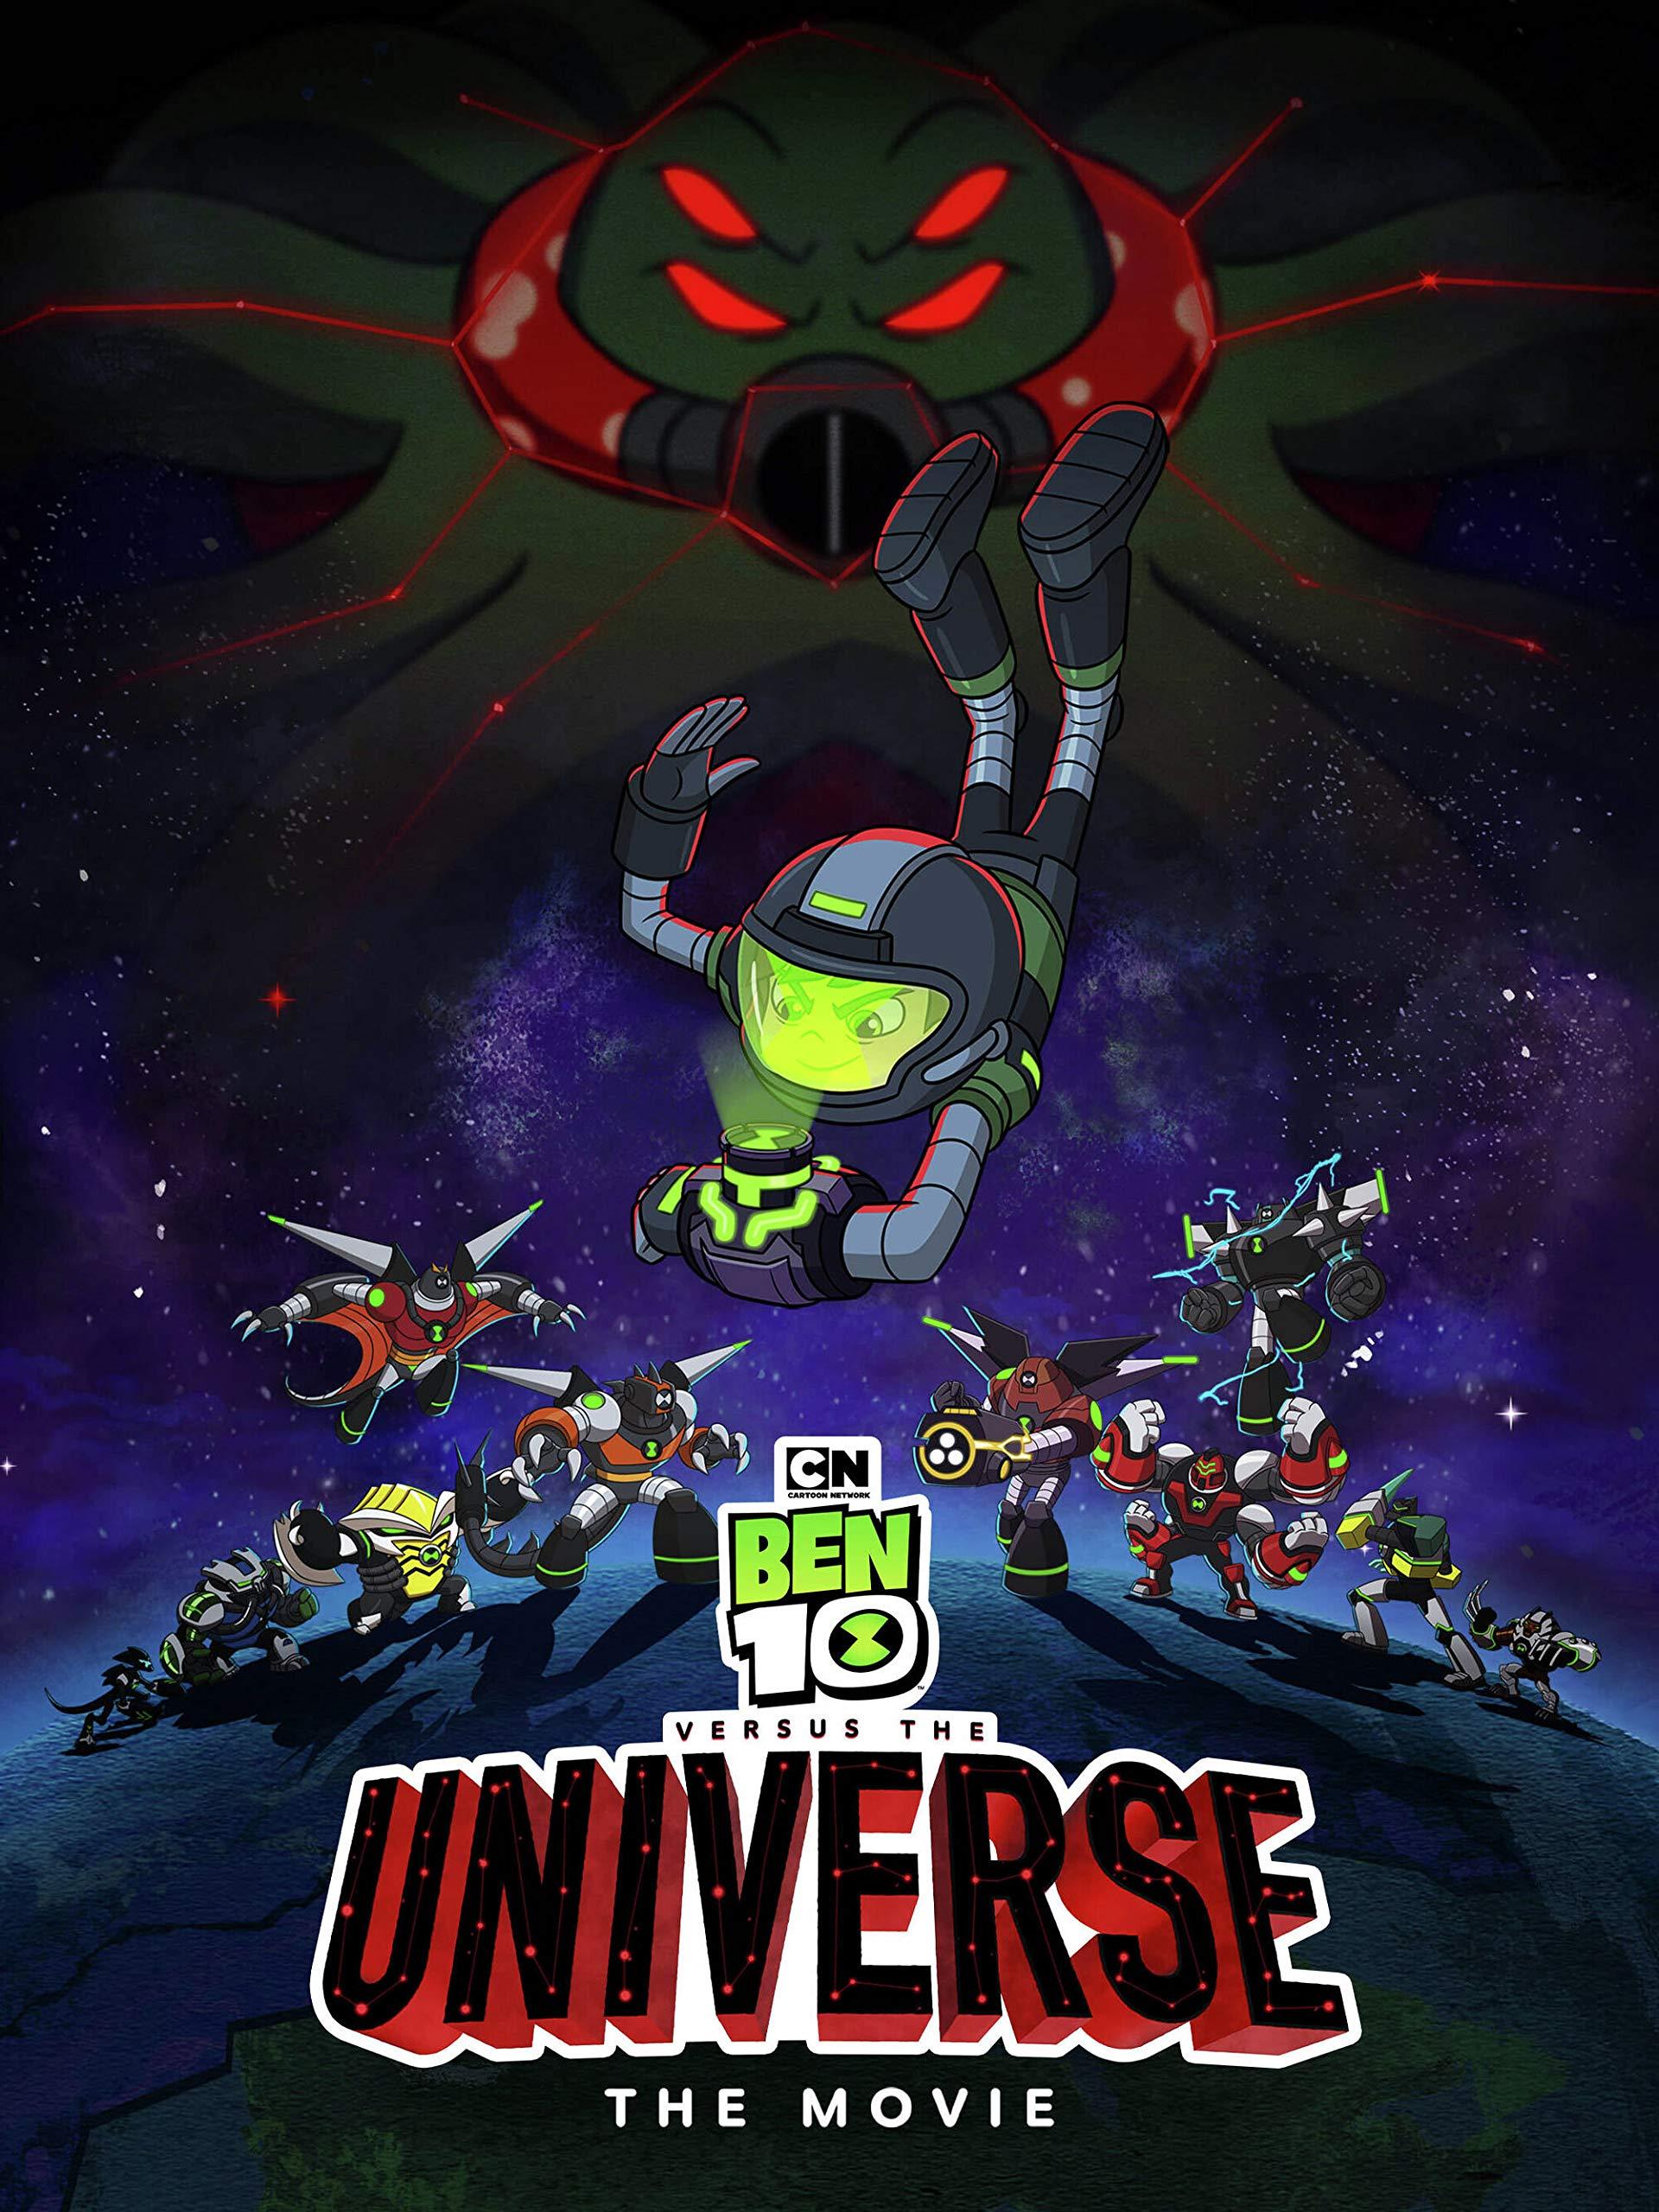 Ben 10 contre l'univers